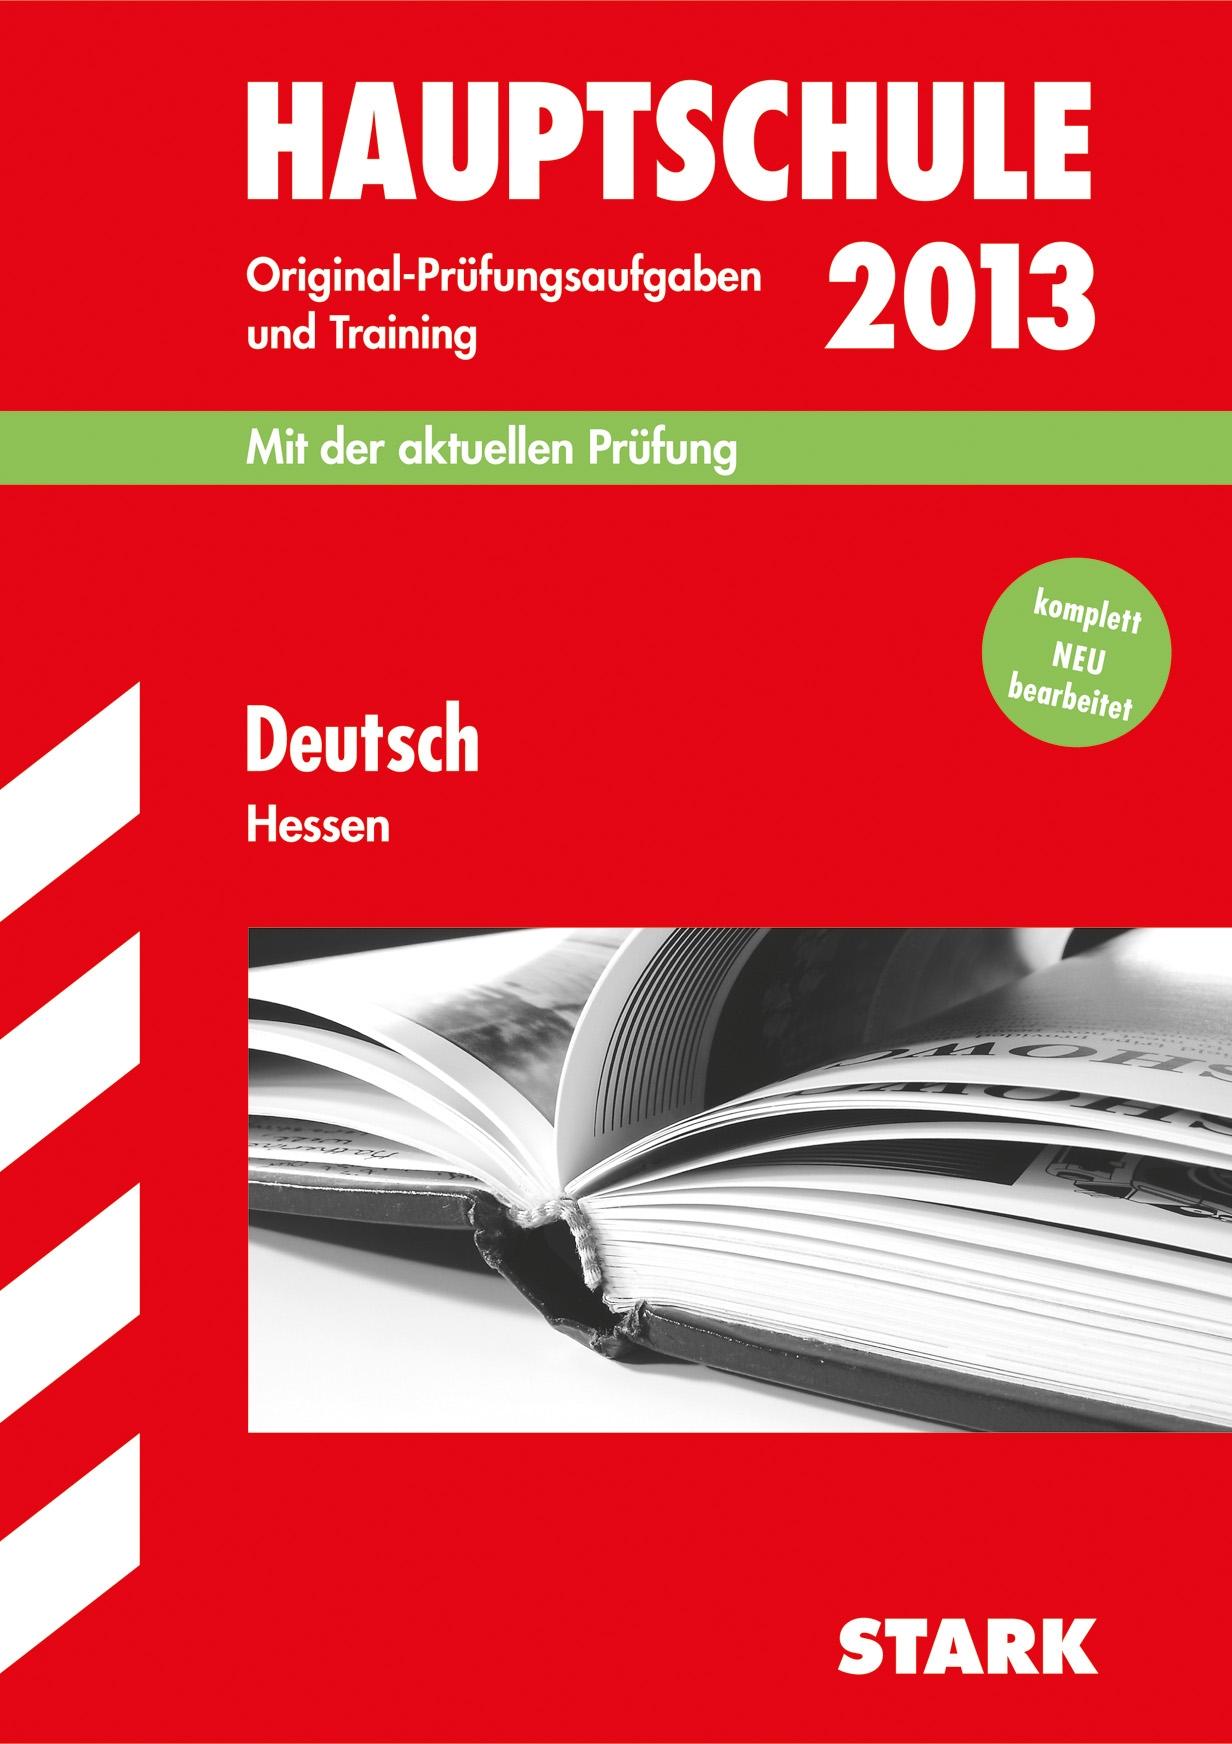 Abschluss-Prüfungsaufgaben Hauptschule Hessen / Deutsch 2013- Mit der aktuellen Prüfung: Original-Prüfungsaufgaben und Training. Ohne Lösungen